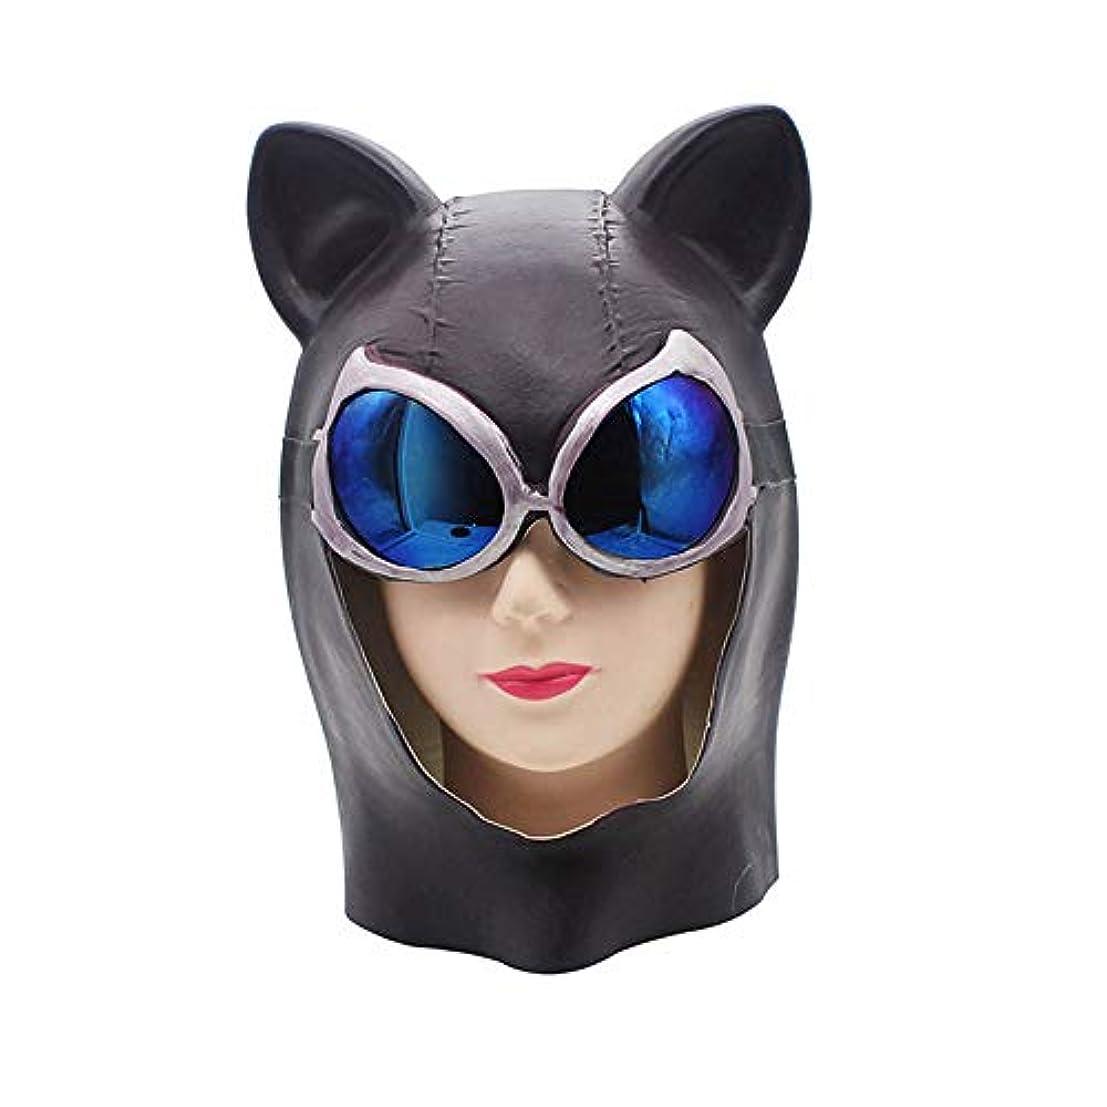 モザイク滴下発症ハロウィンホラーマスクセクシーな猫女性の顔ホーンホーンフォックスマスクビデオバットマンヘッドギア猫のフェイスマスク